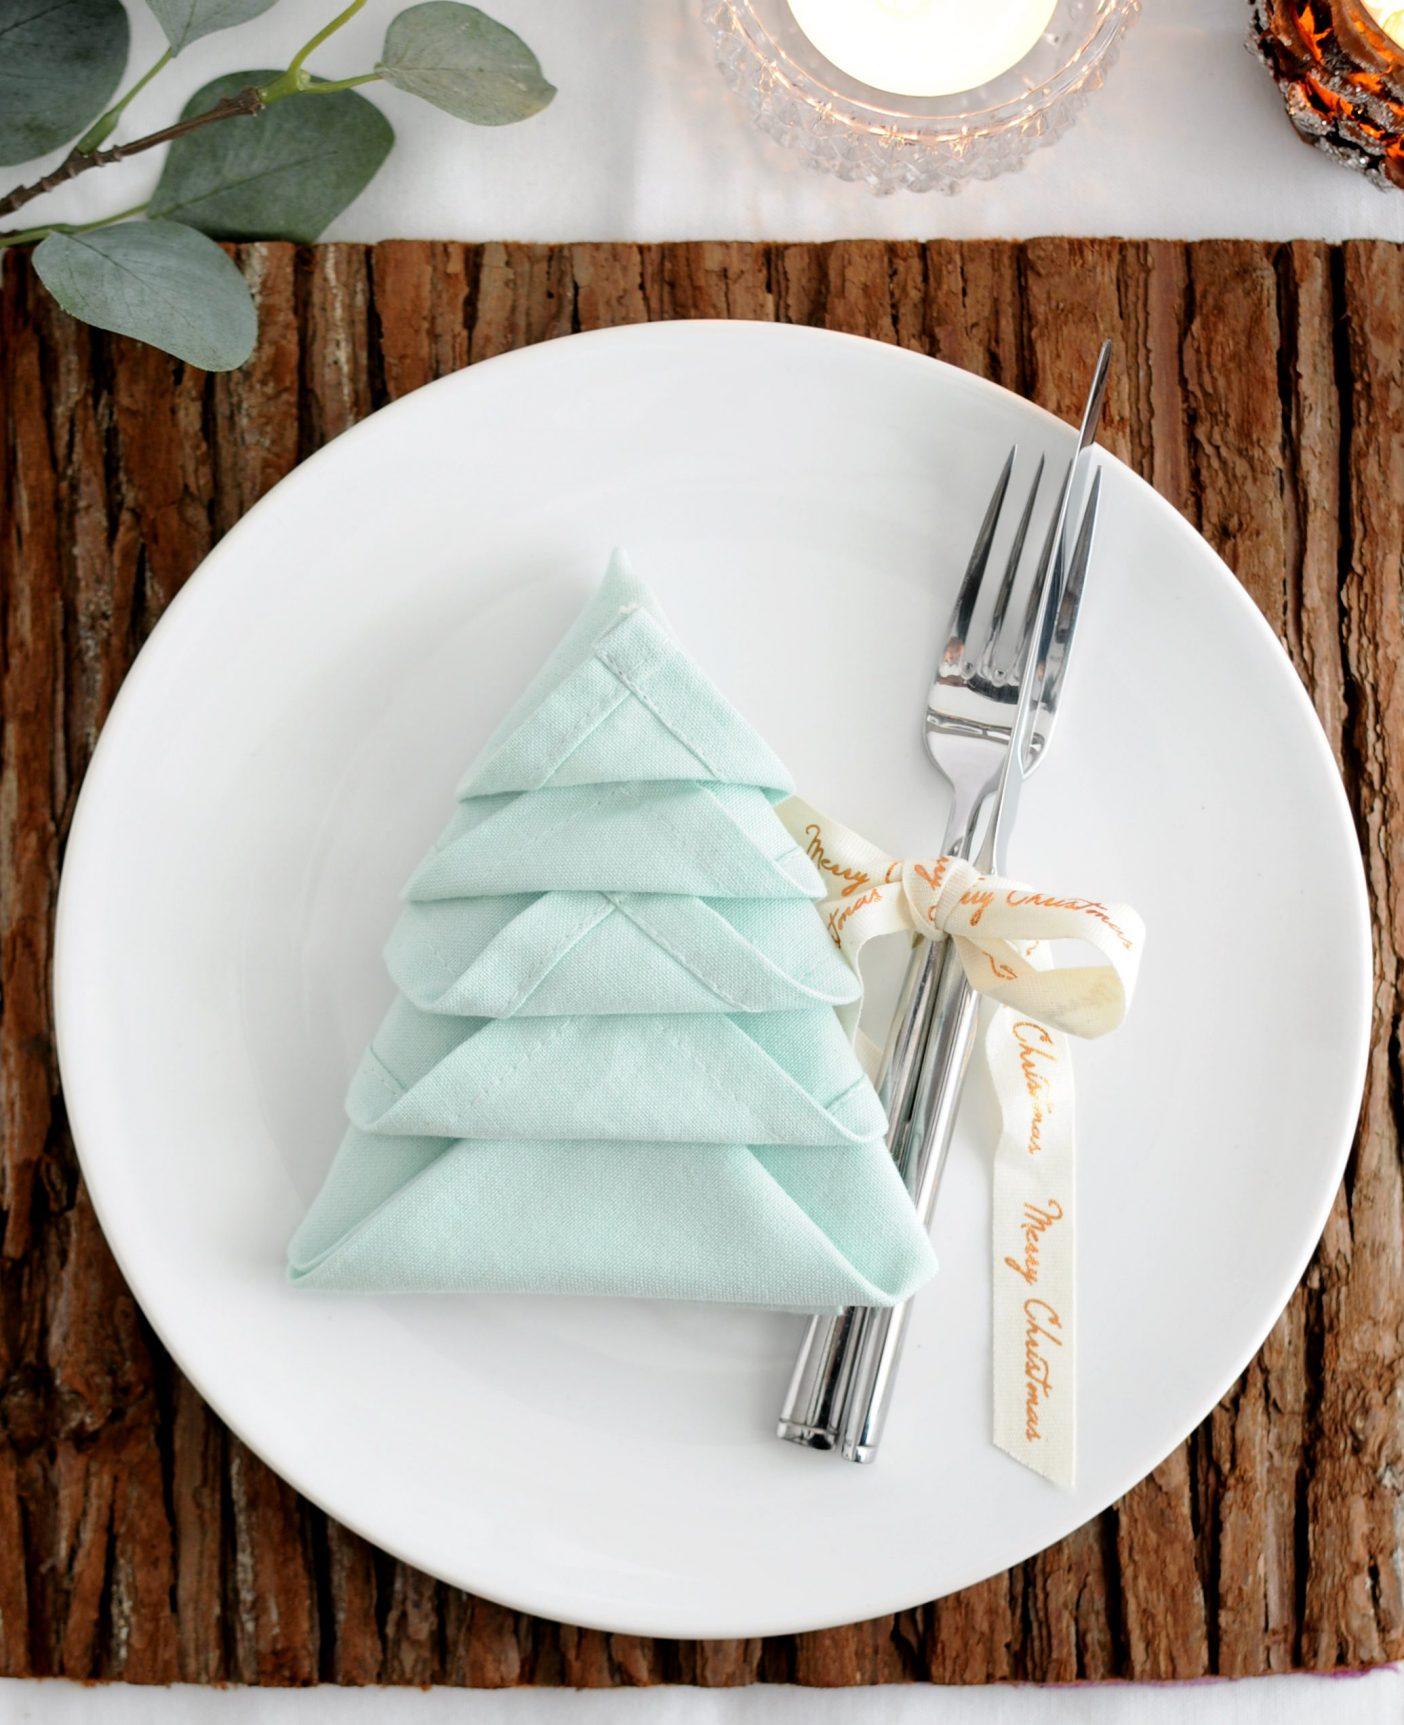 Kerstboom vouwen van servet